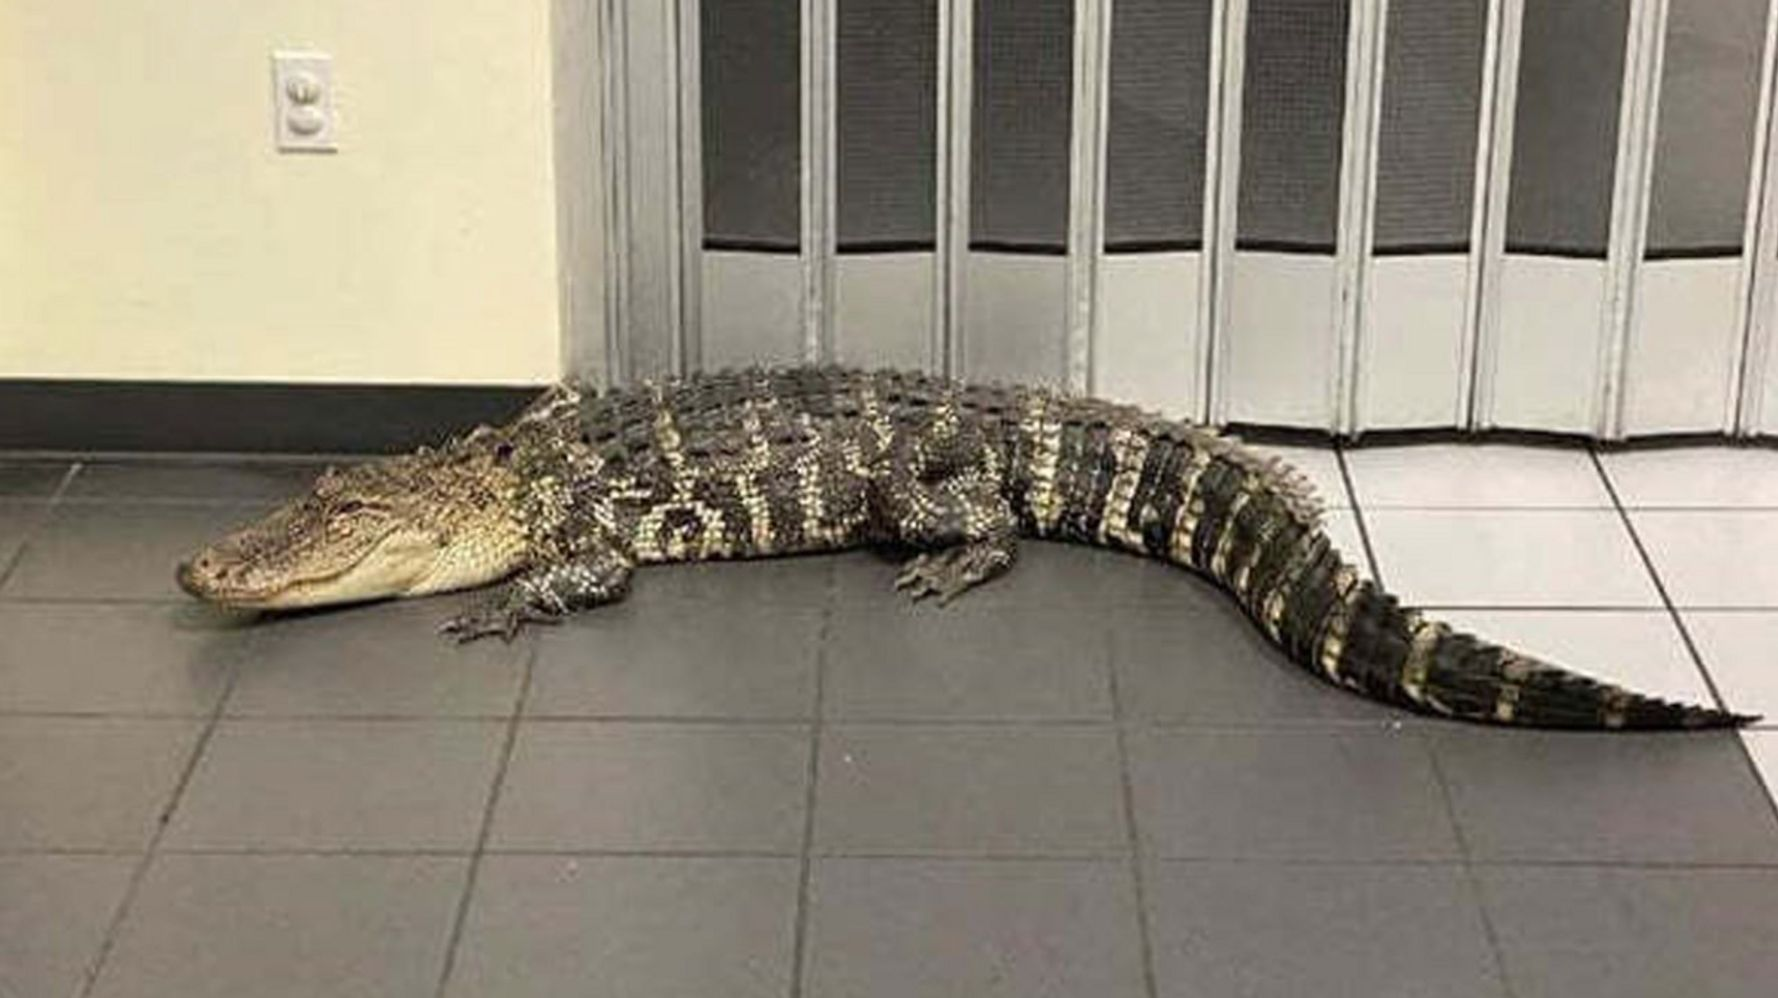 Customer Finds 7-Foot Alligator Inside Florida Post Office